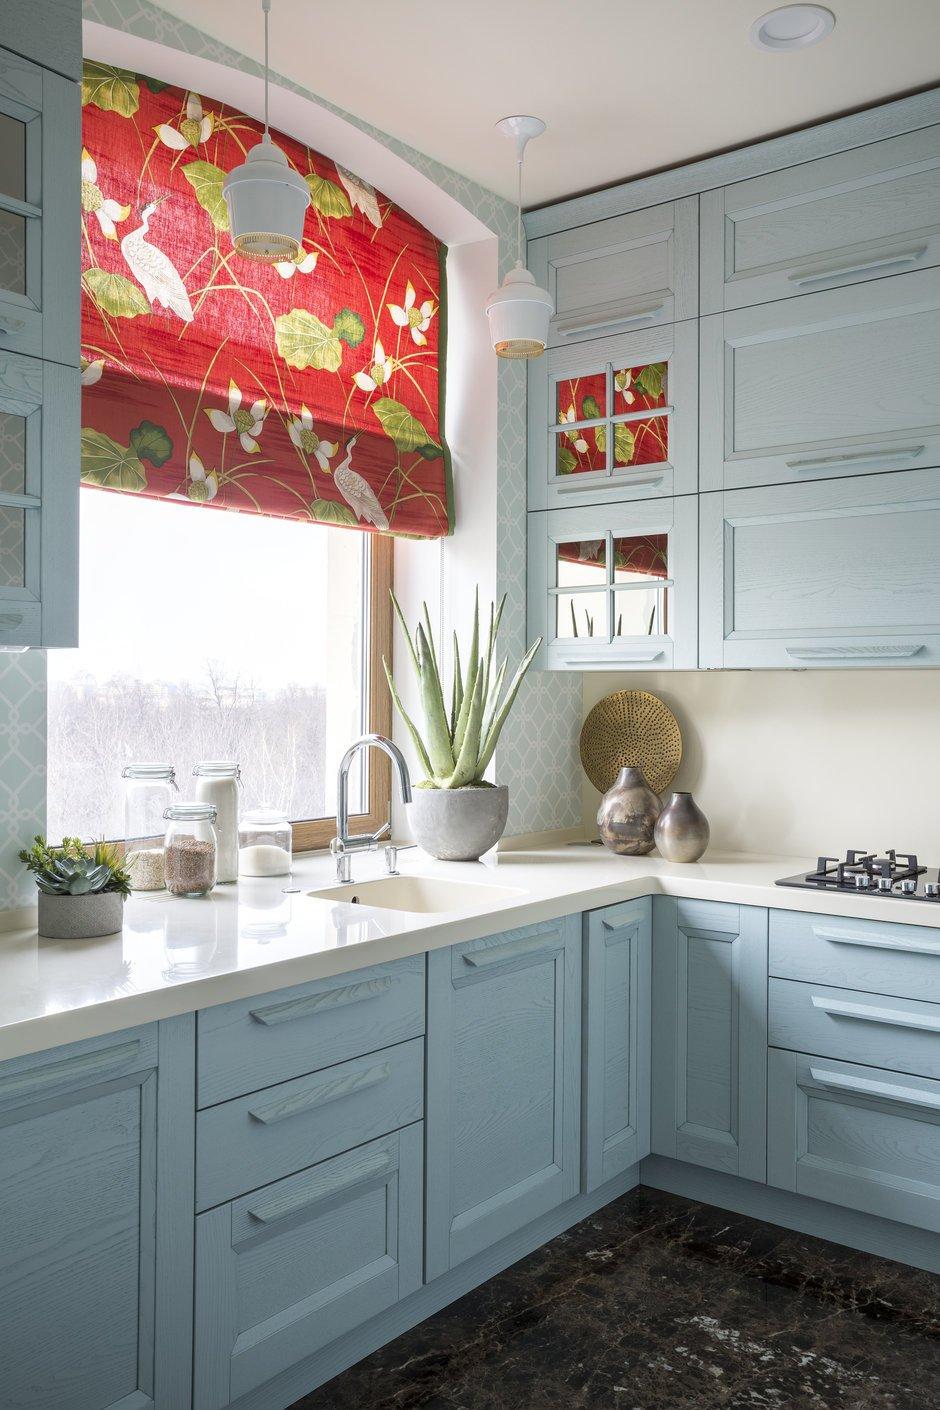 Фотография: Кухня и столовая в стиле Прованс и Кантри, Классический, Современный, Декор интерьера, Сталинка – фото на INMYROOM